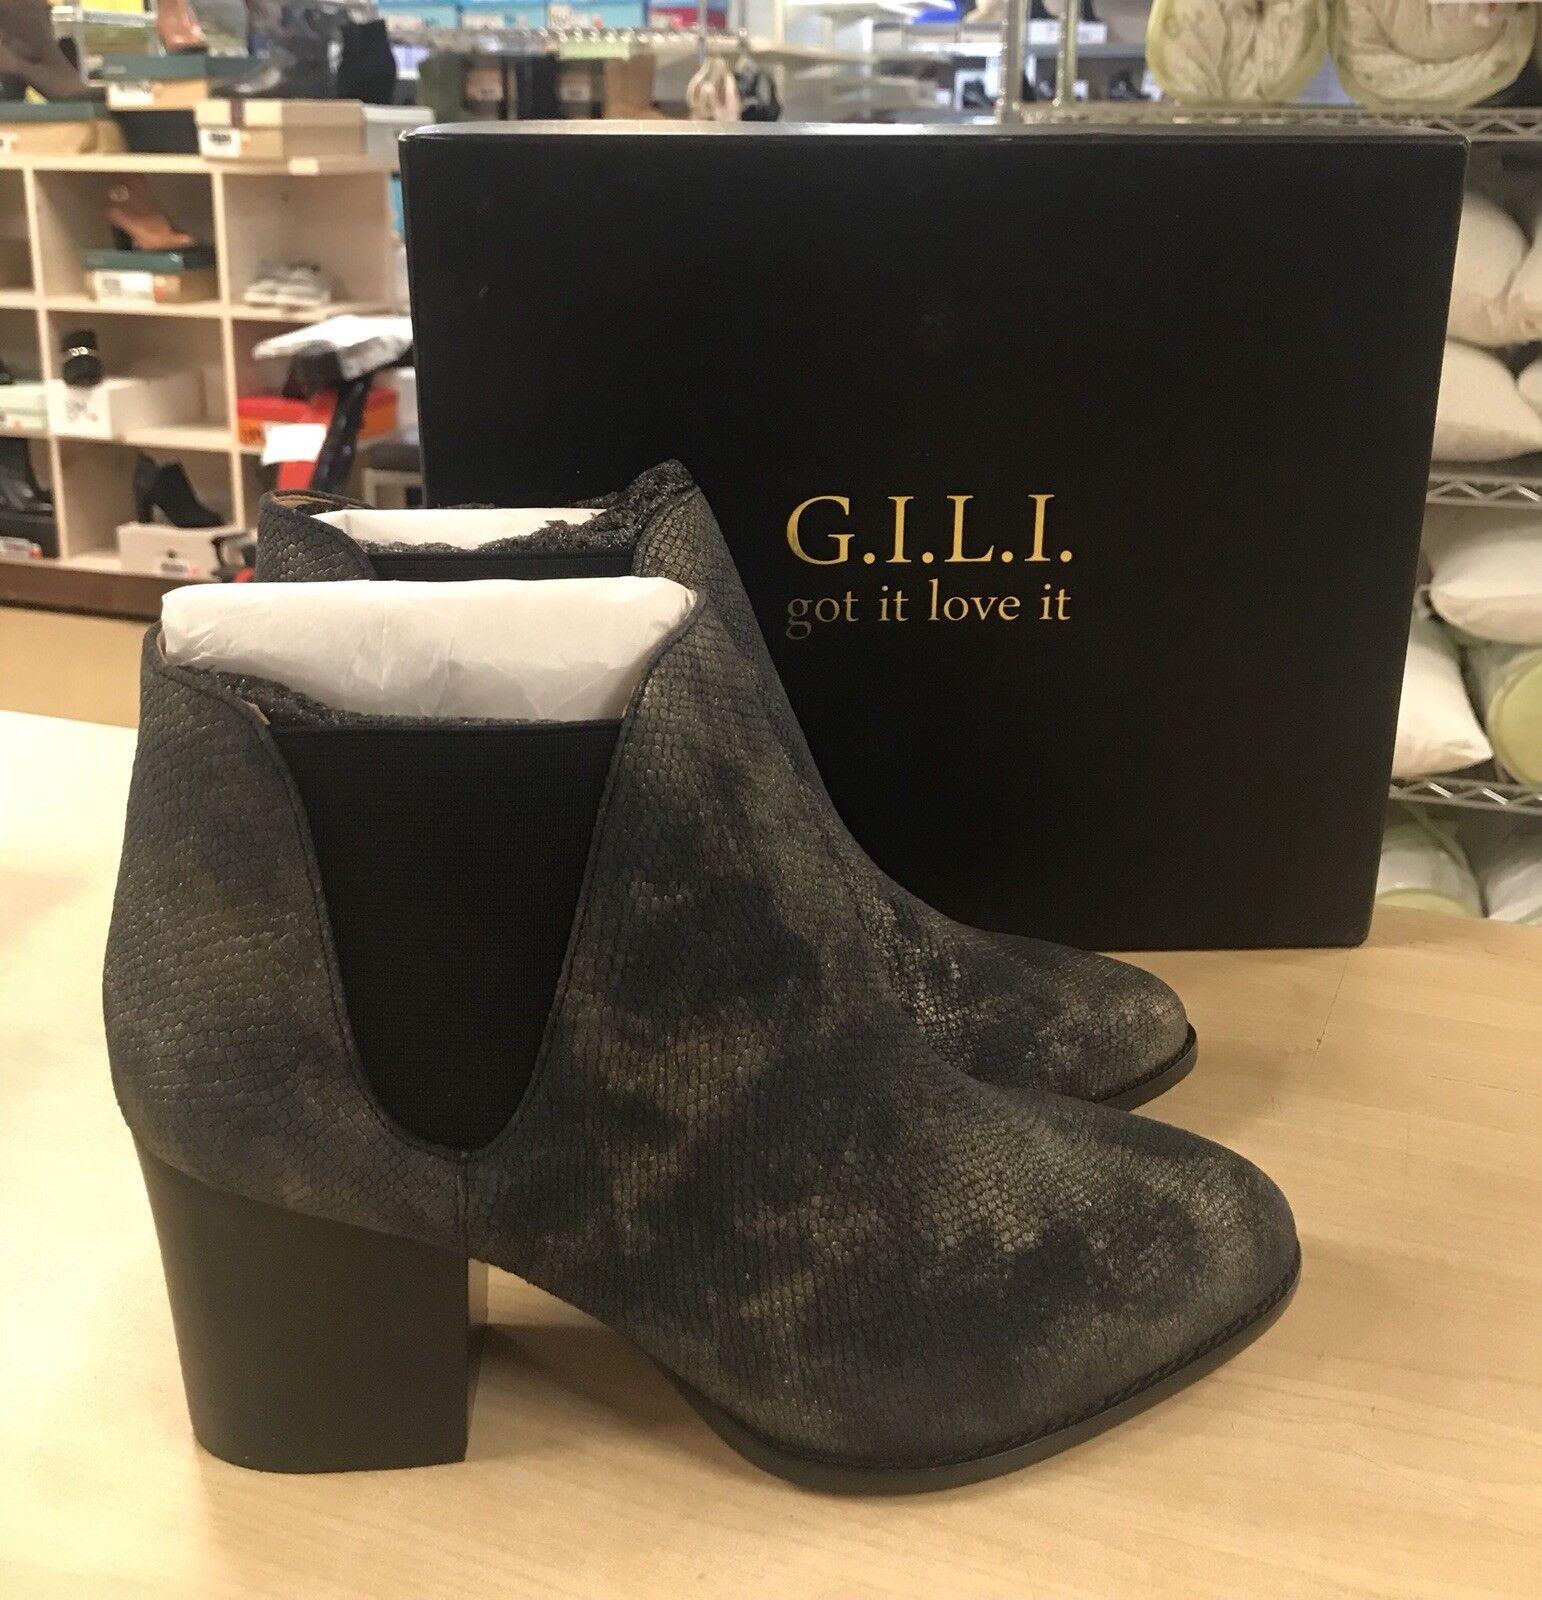 G.I.L.I 8.5M Baldwyn Leather Chelsea Boots - NEW